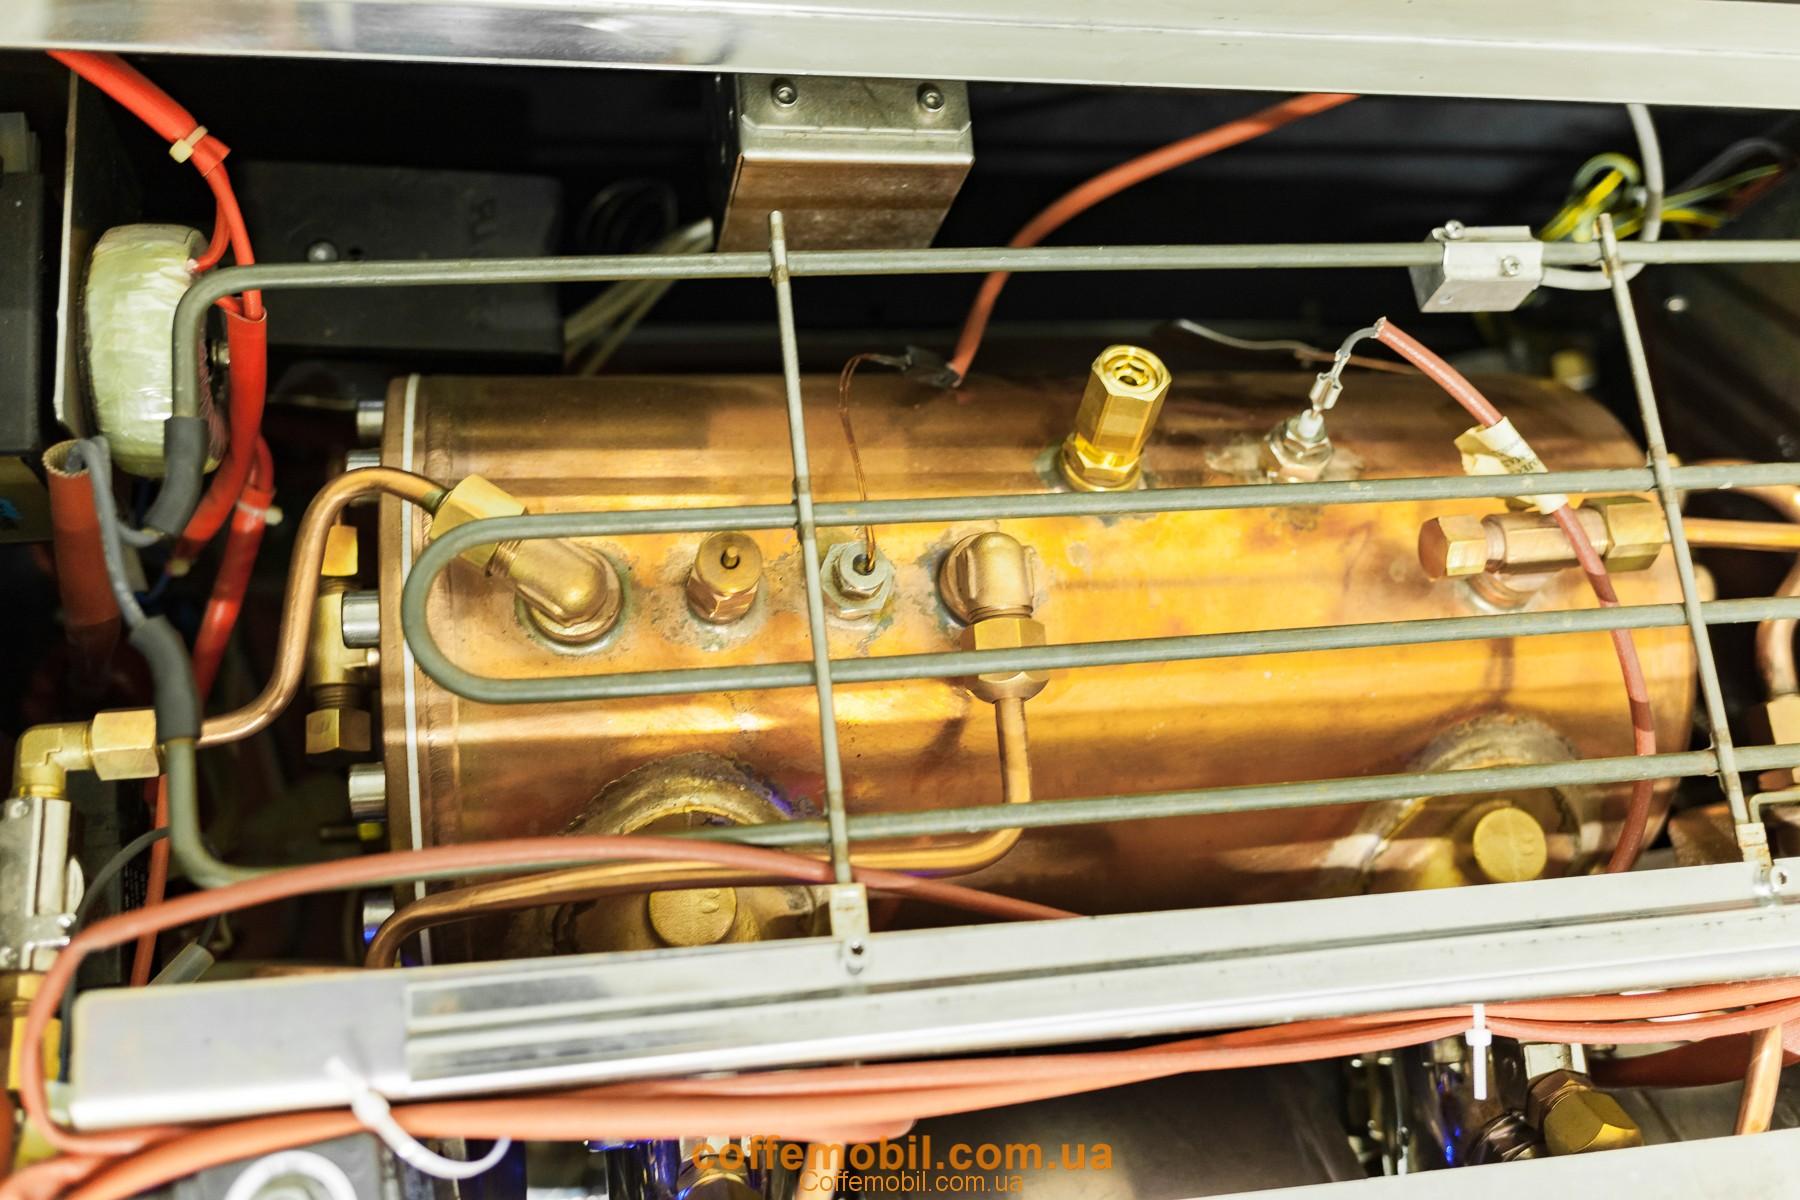 Професиональная кофемашина Astoria Gloria turbosteam